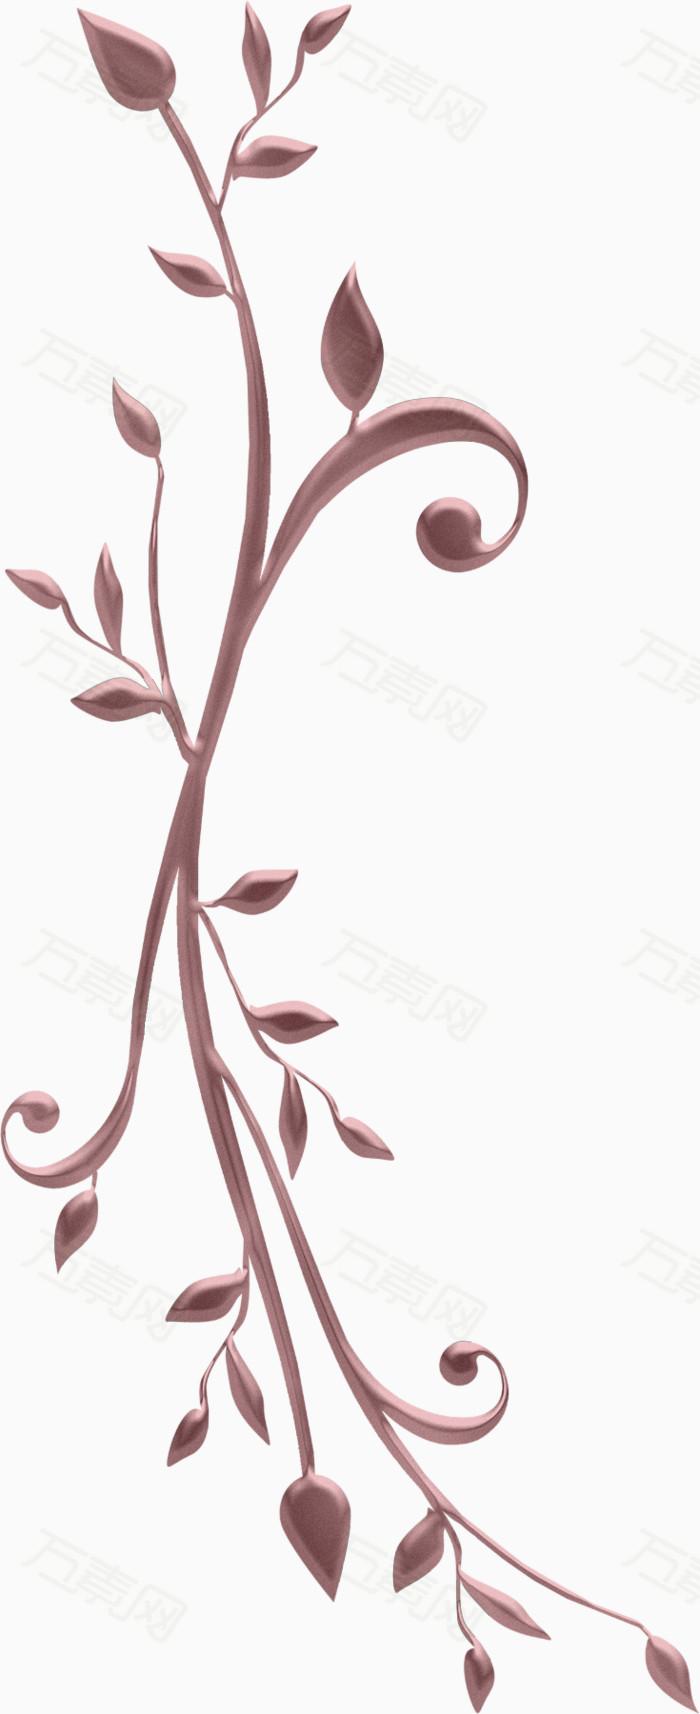 手绘森女长条藤蔓